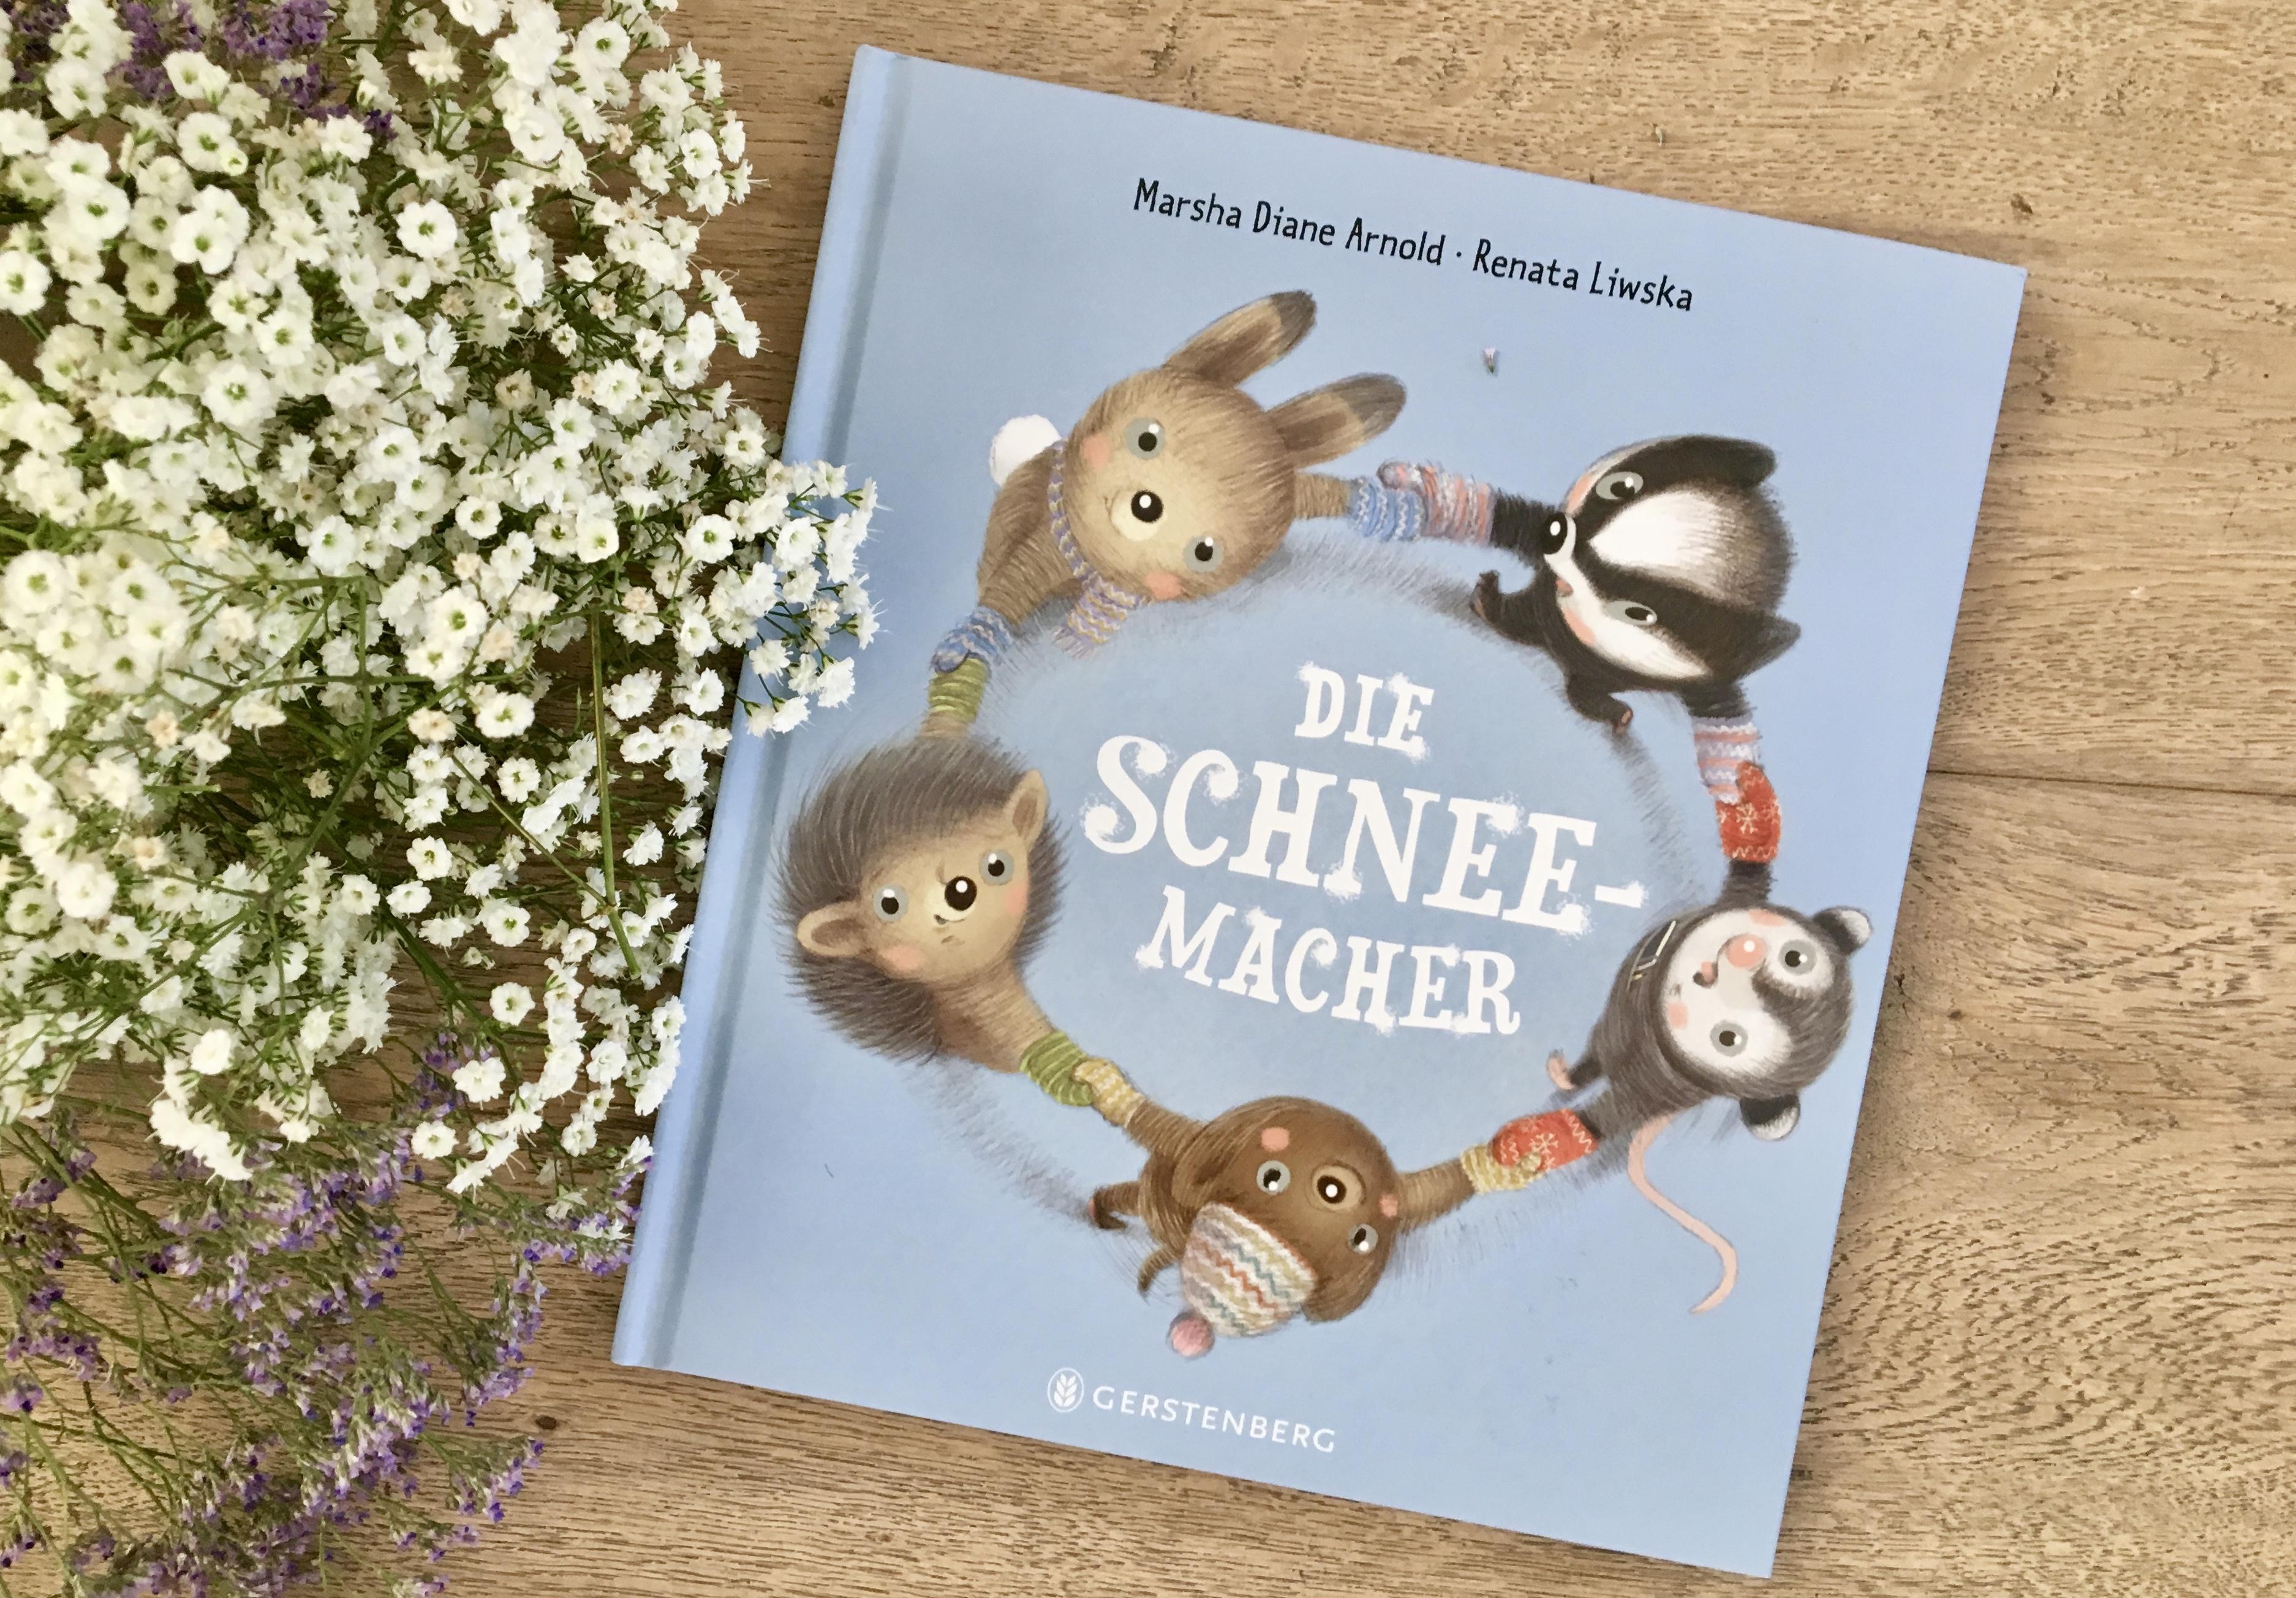 Die Schneemacher von Marsha Diane Arnold (Text) und Renata Liwska (Illustration)